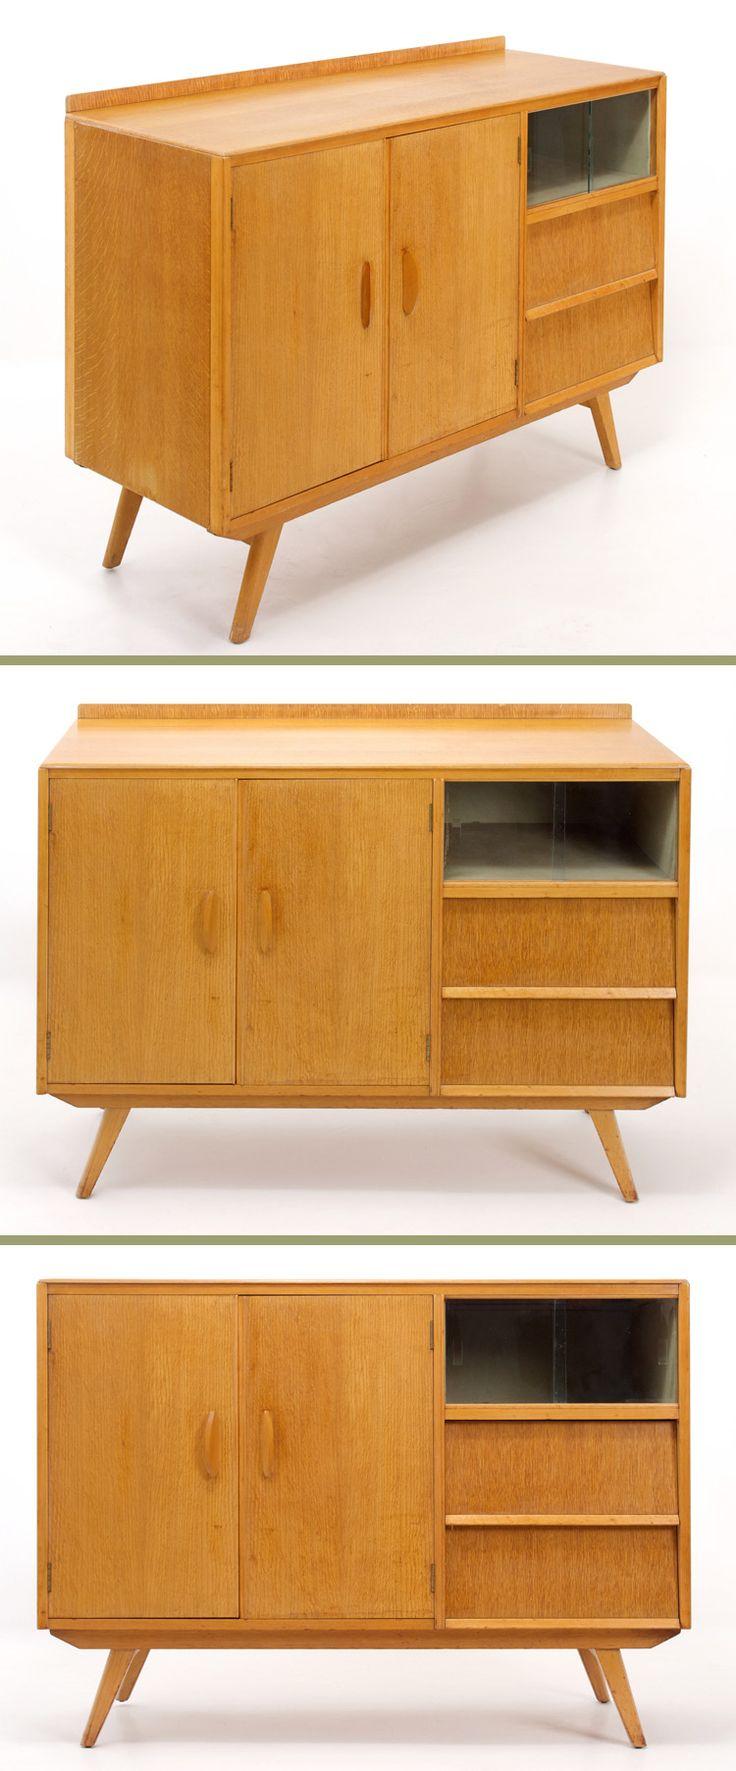 M s de 1000 ideas sobre decoraci n de los a os 50 en - Papeles pintados para muebles ...